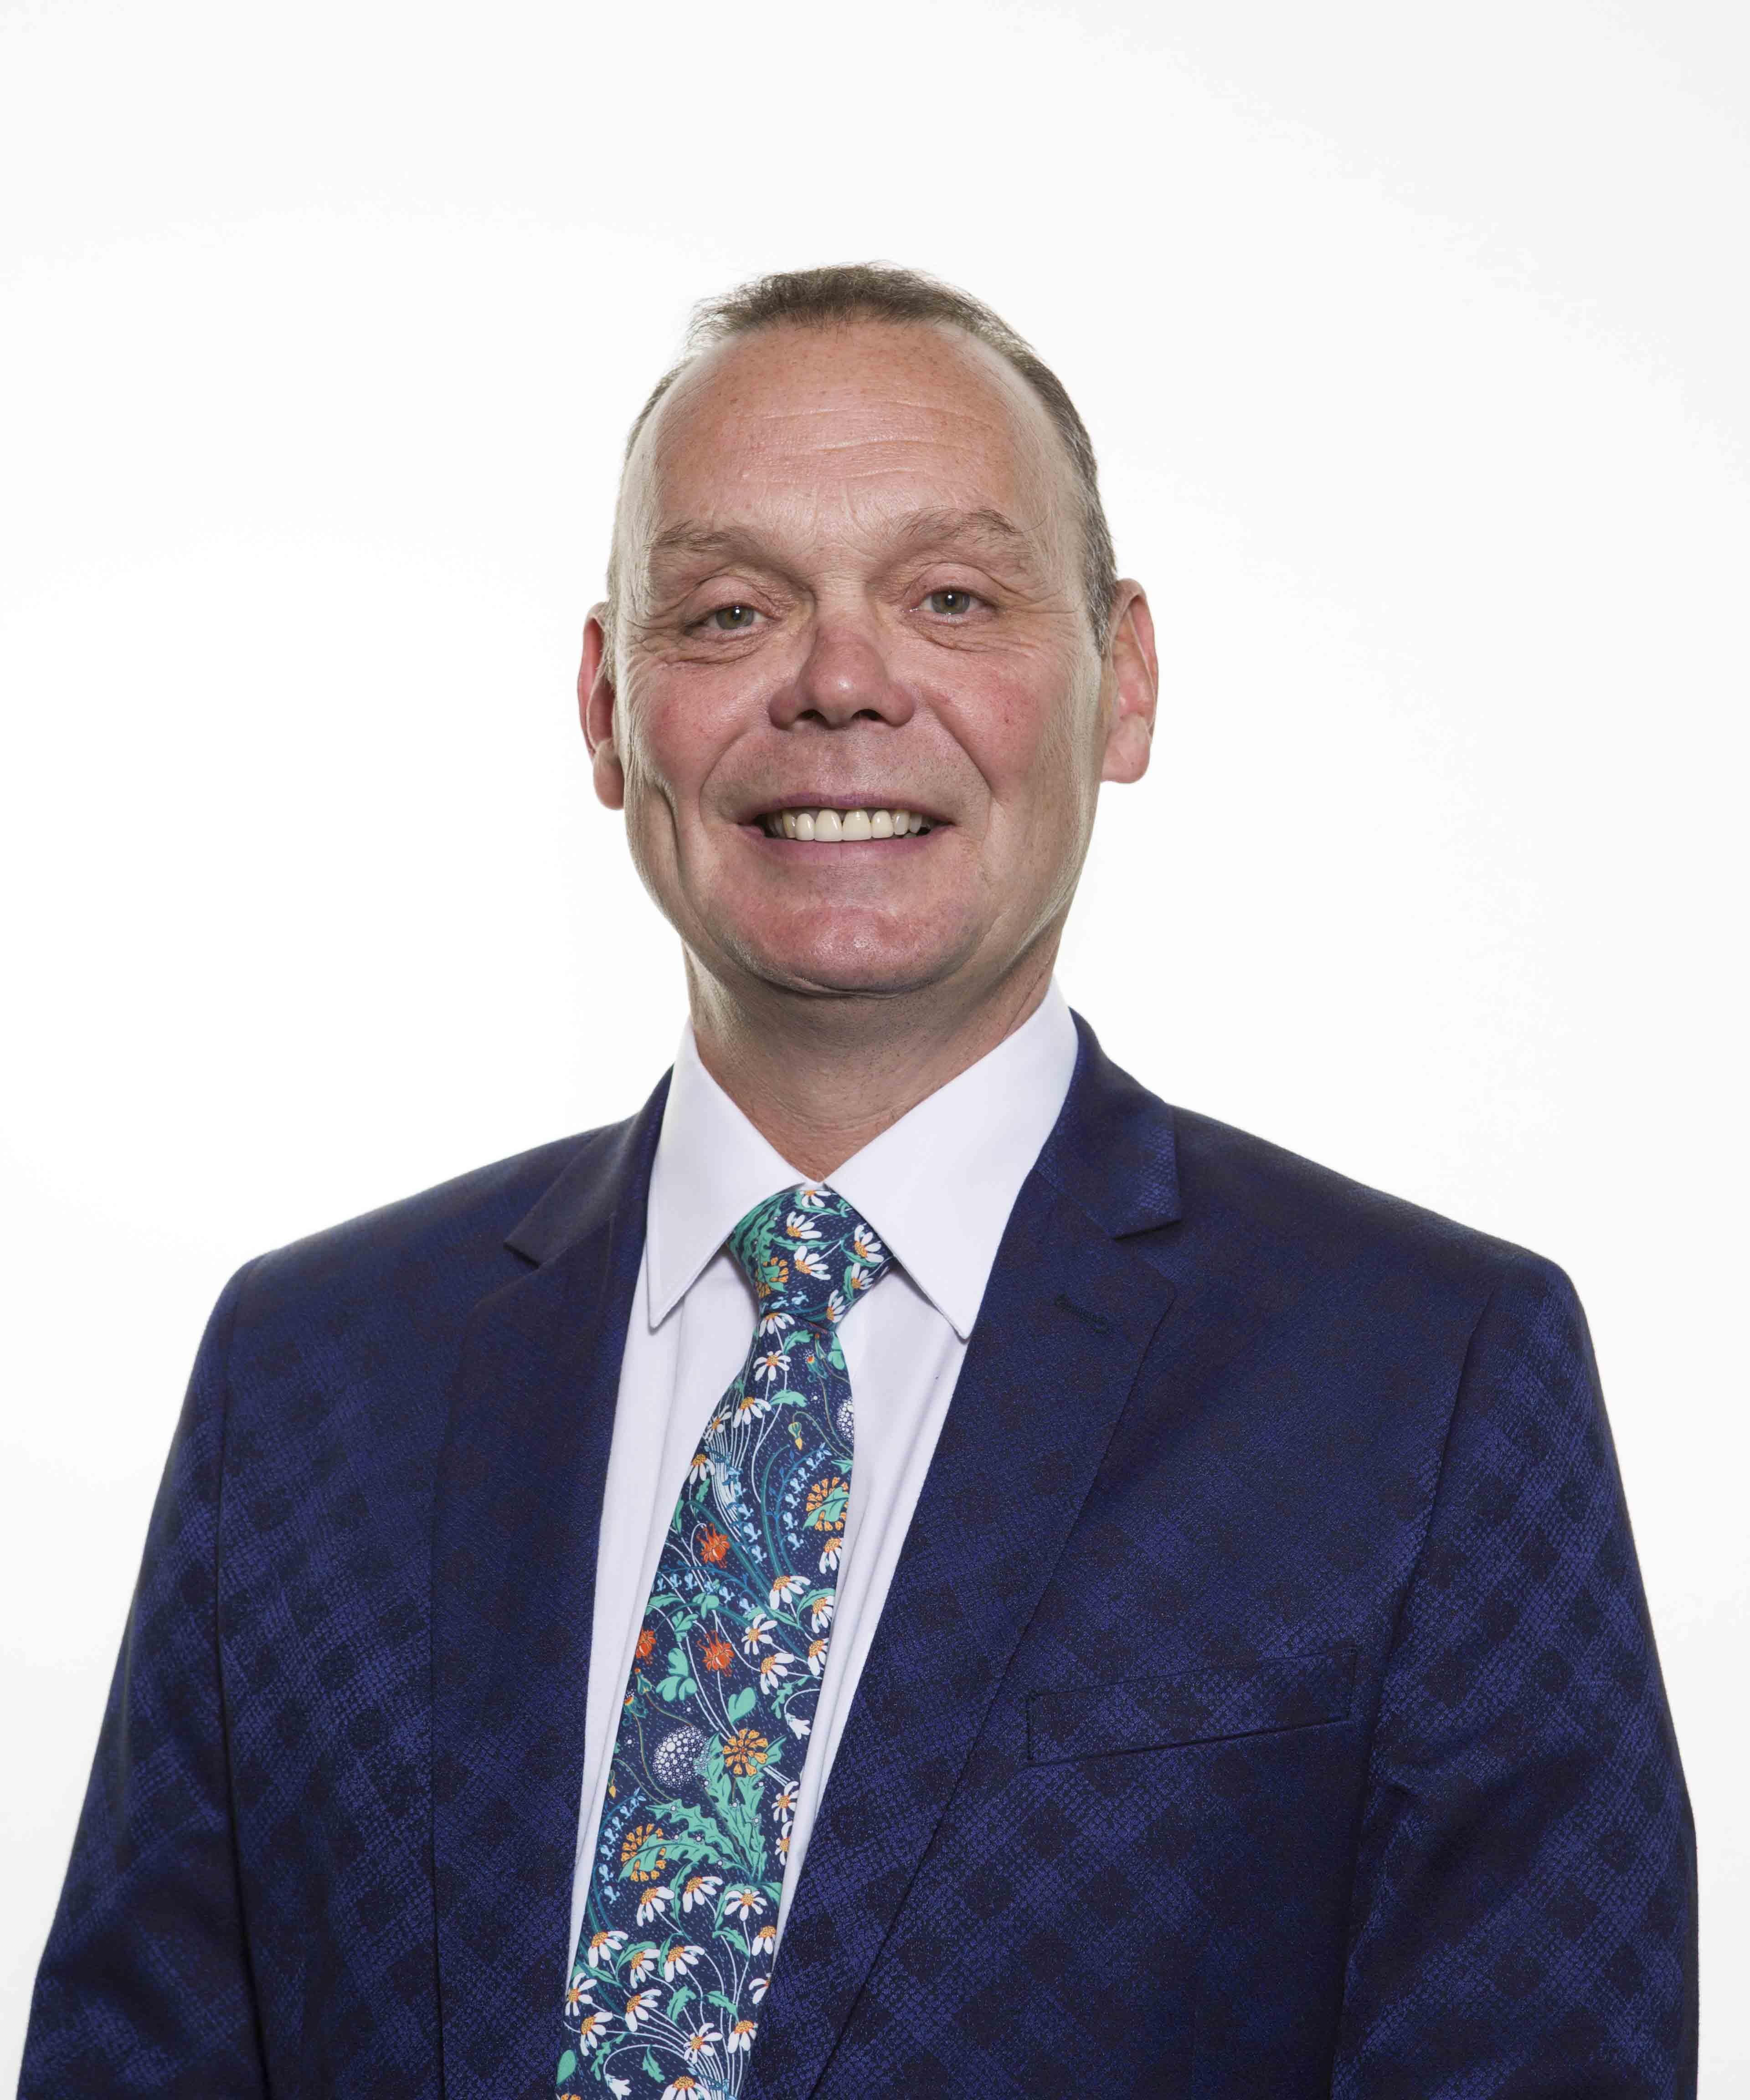 Keith Muldoon - Board of directors